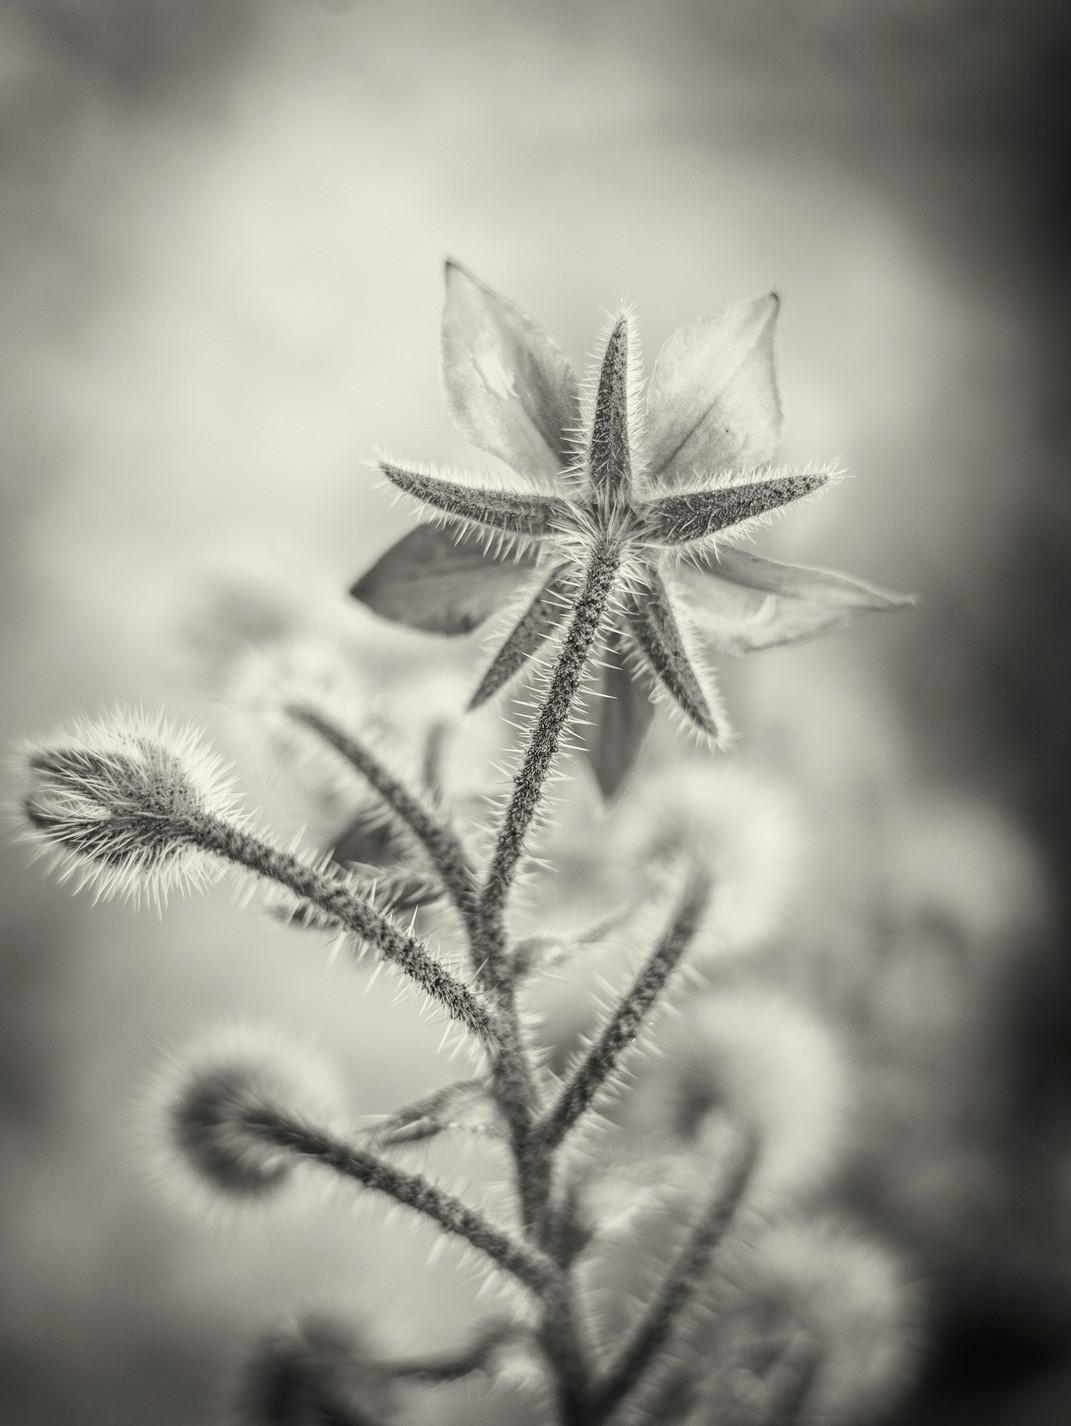 Siddho-Photography-nature-BW-1.jpg